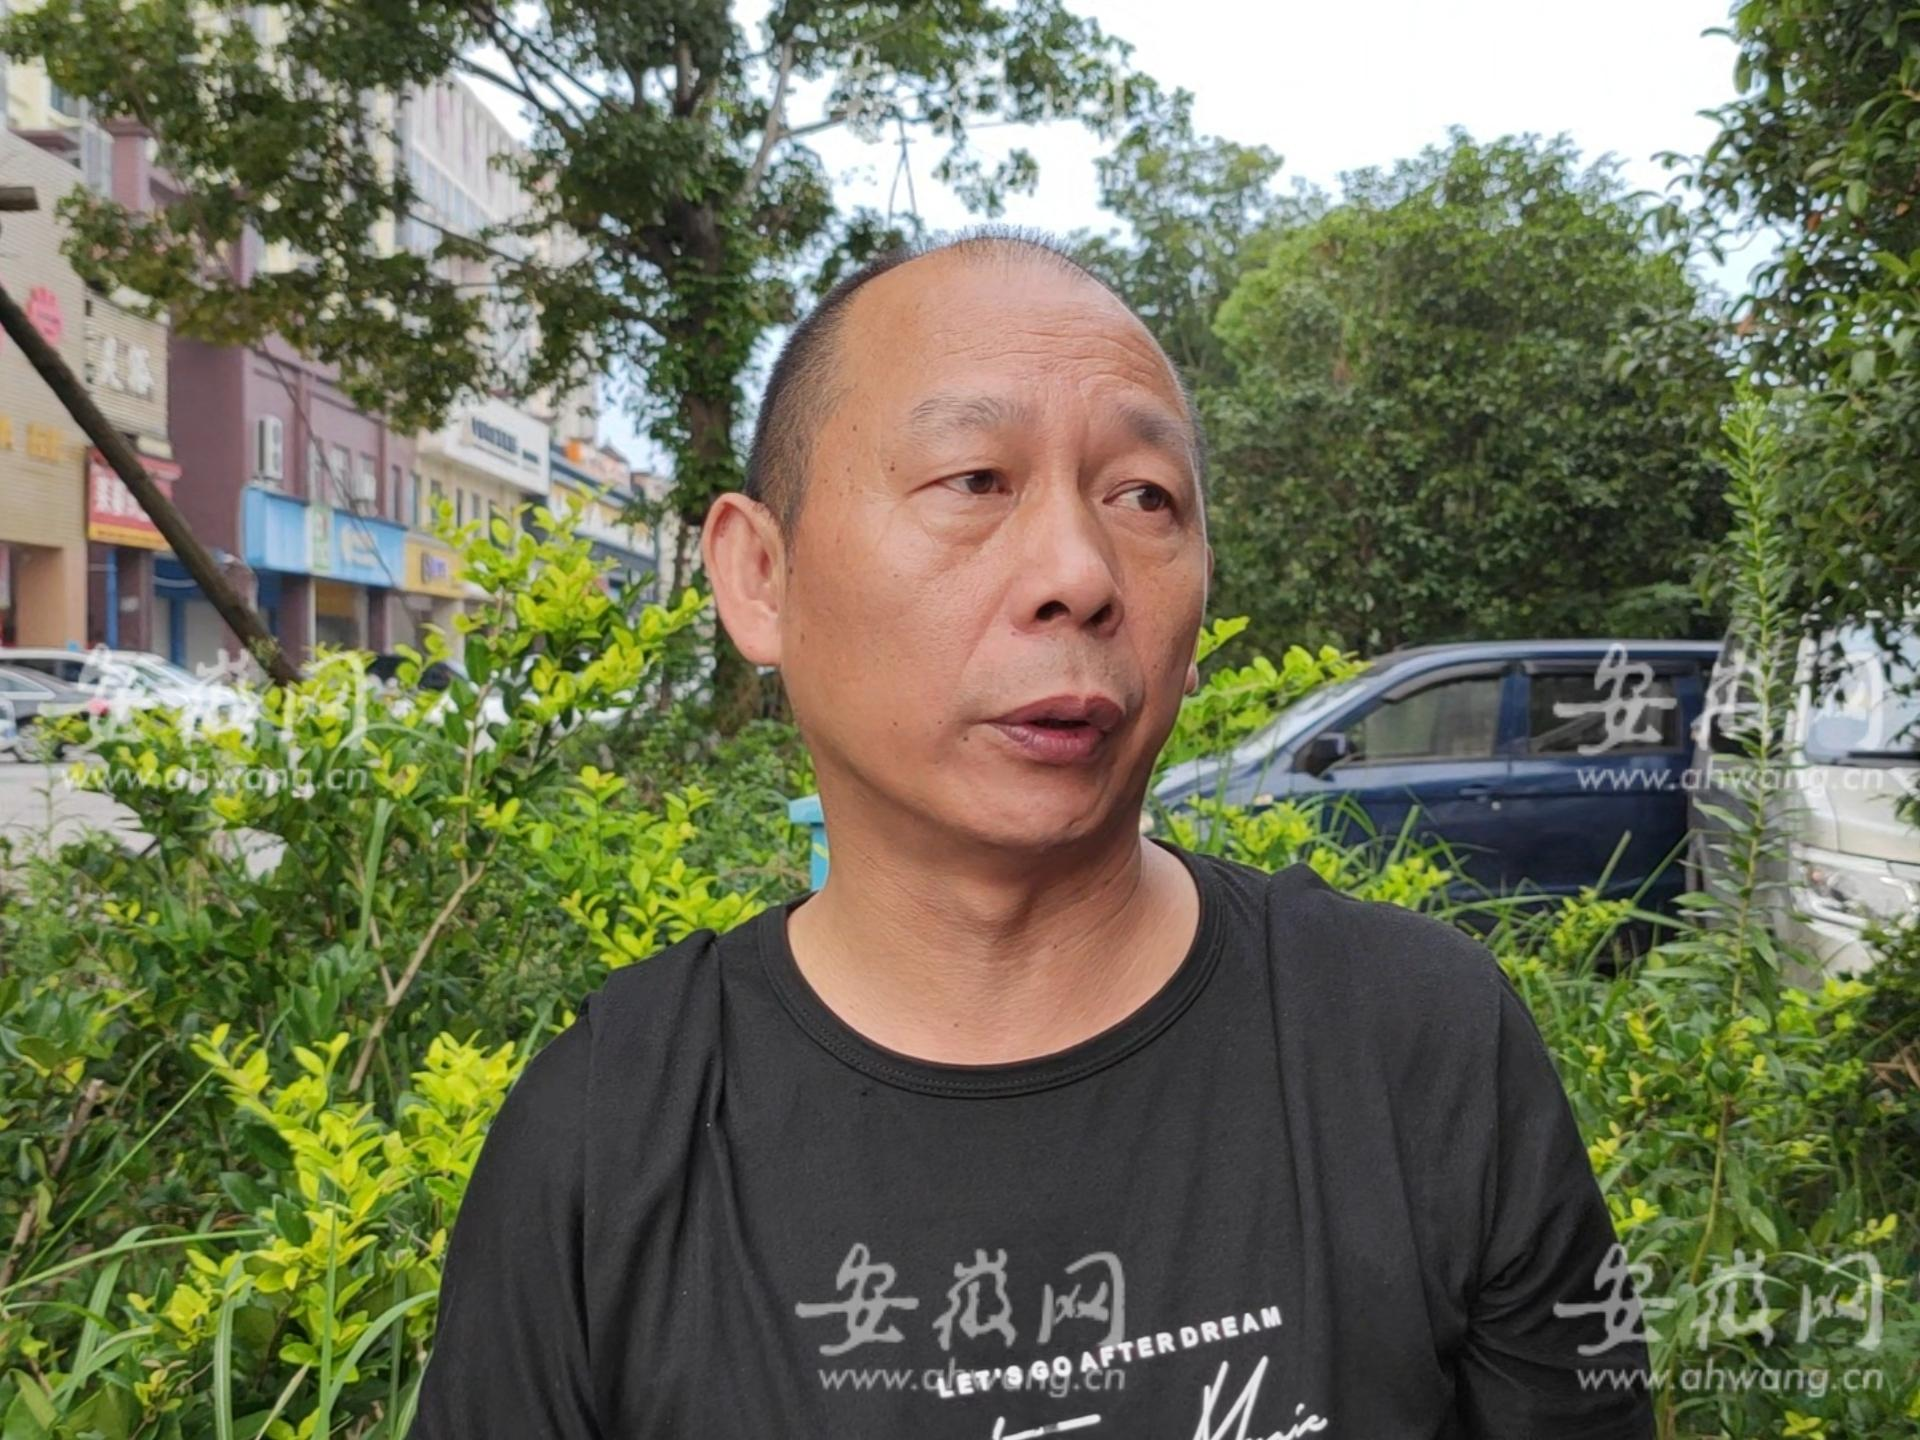 劳荣枝案一审再次开庭 5名亲属已来到南昌中院旁边